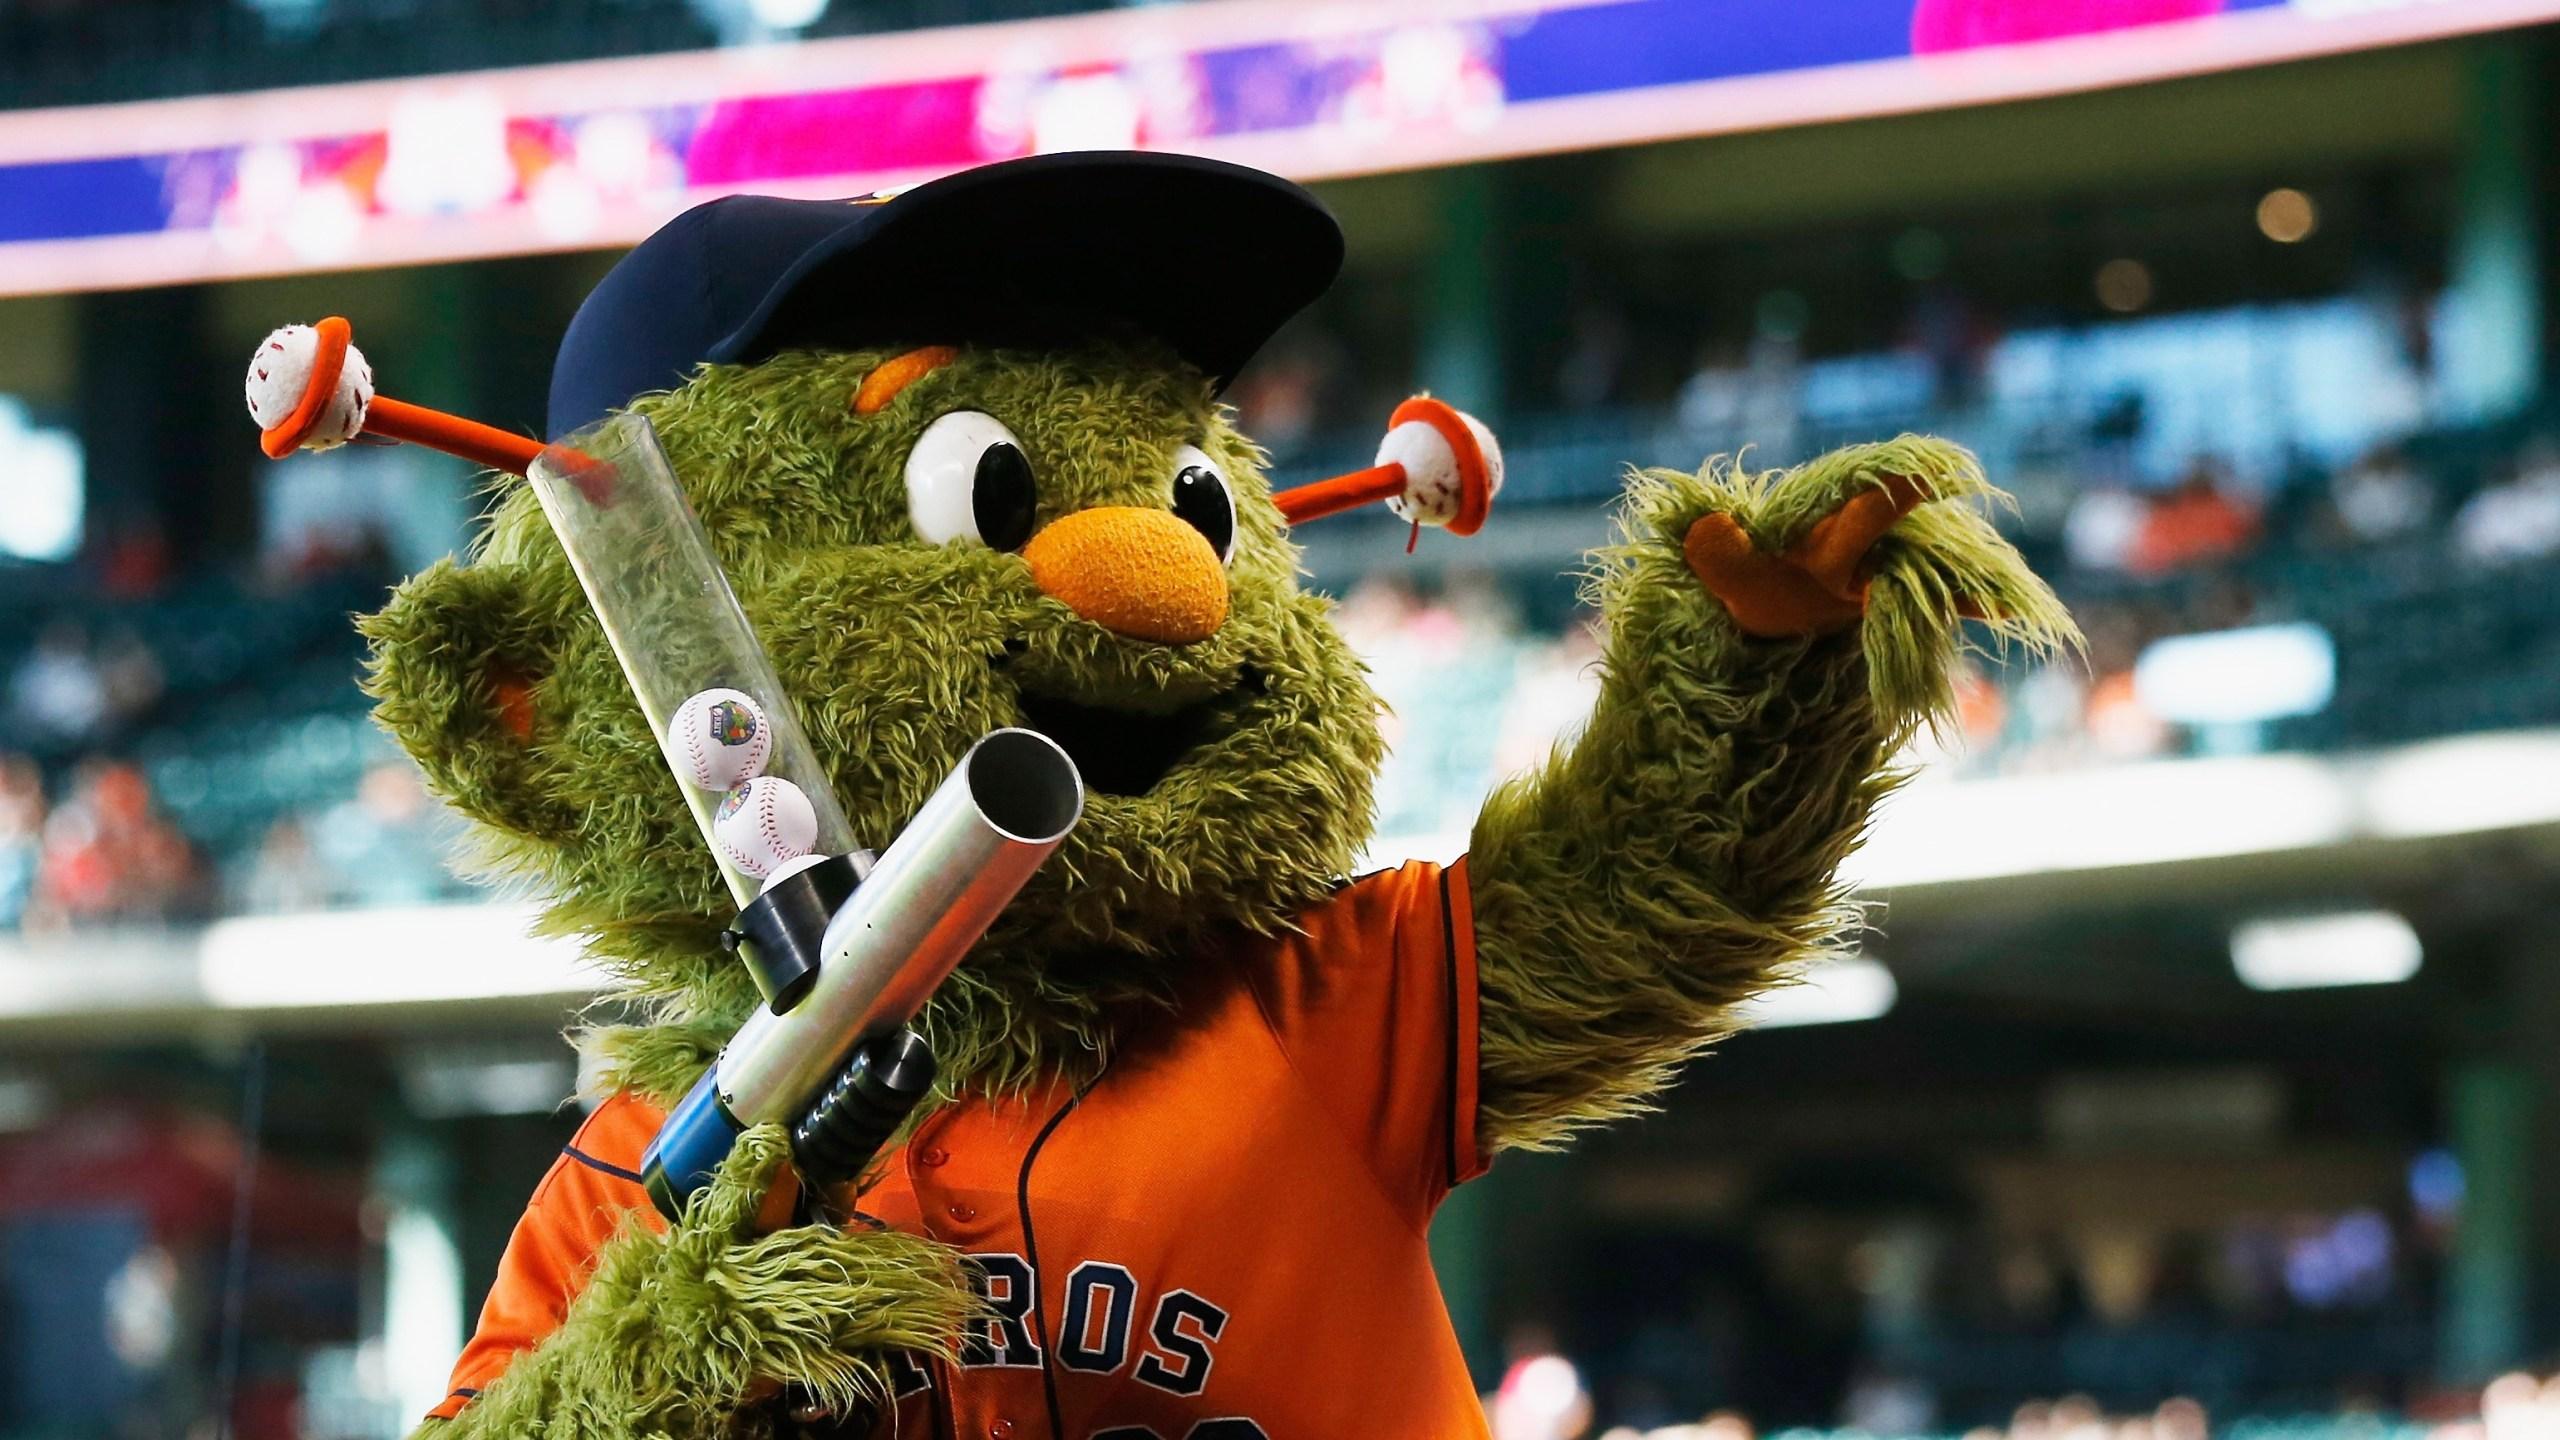 Orbit Astros lawsuit